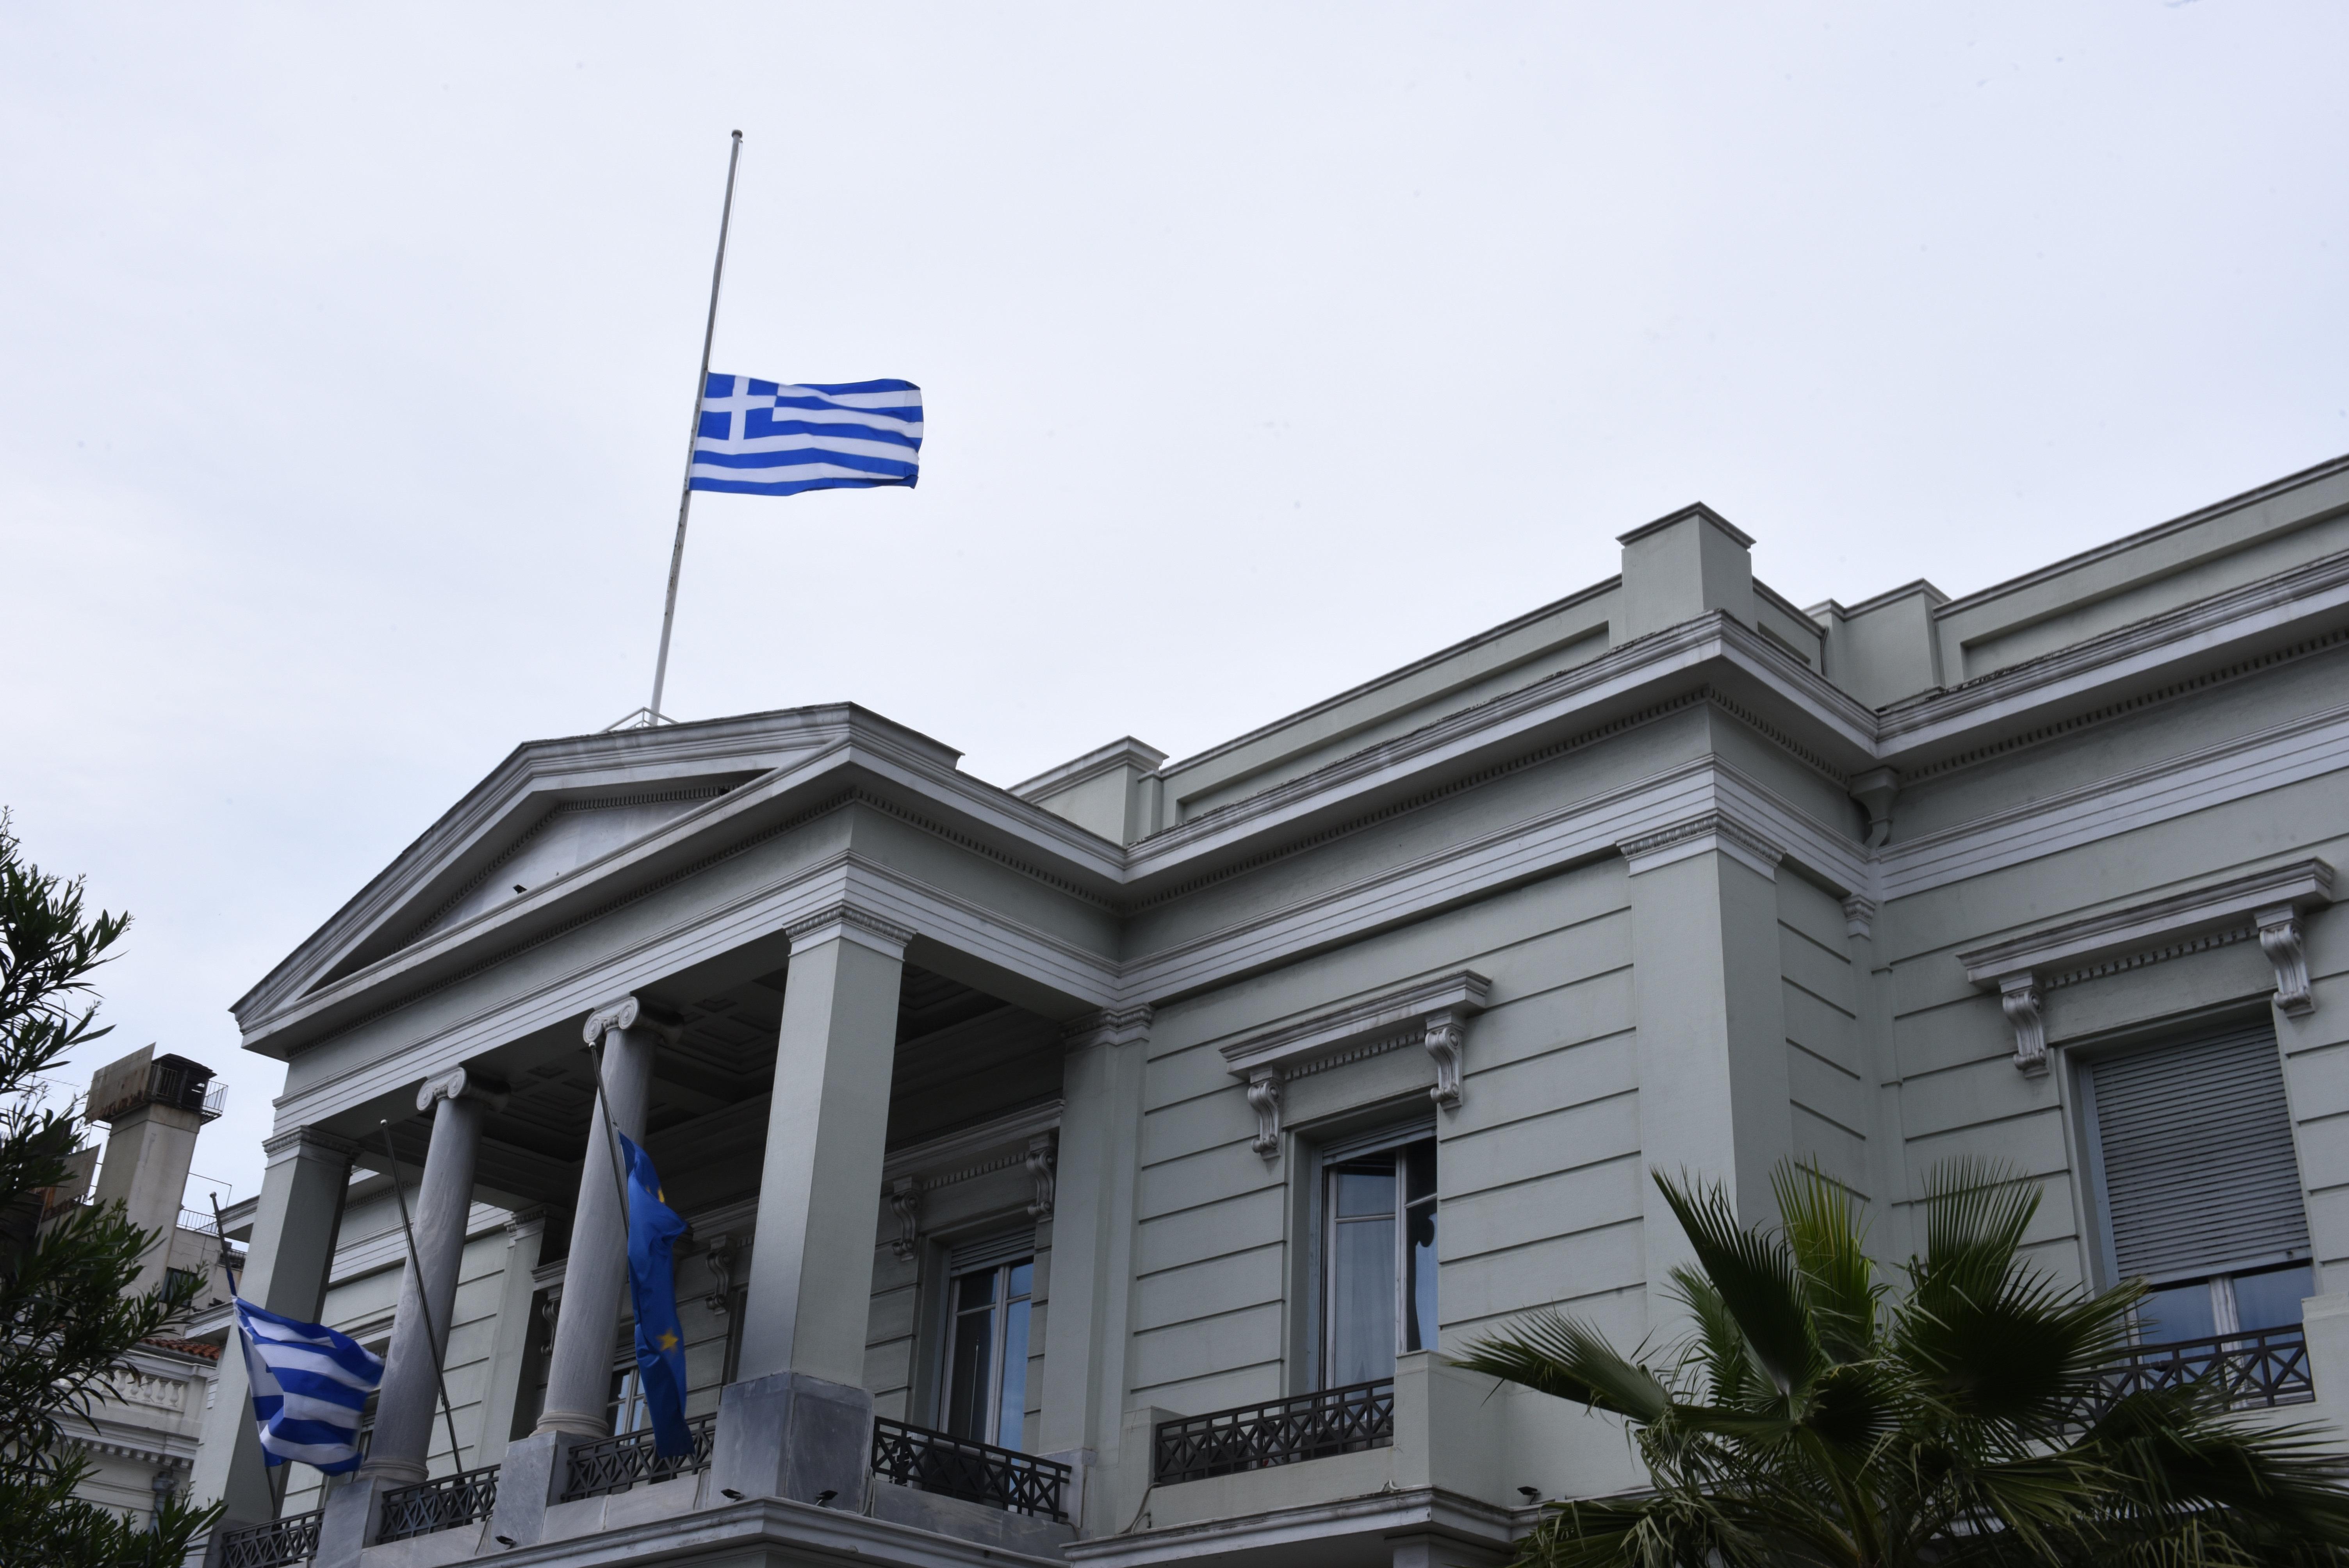 Απέλαση Ρώσων διπλωματών από την Ελλάδα- ανάλογη απάντηση προαναγγέλλει το ρωσικό ΥΠΕΞ